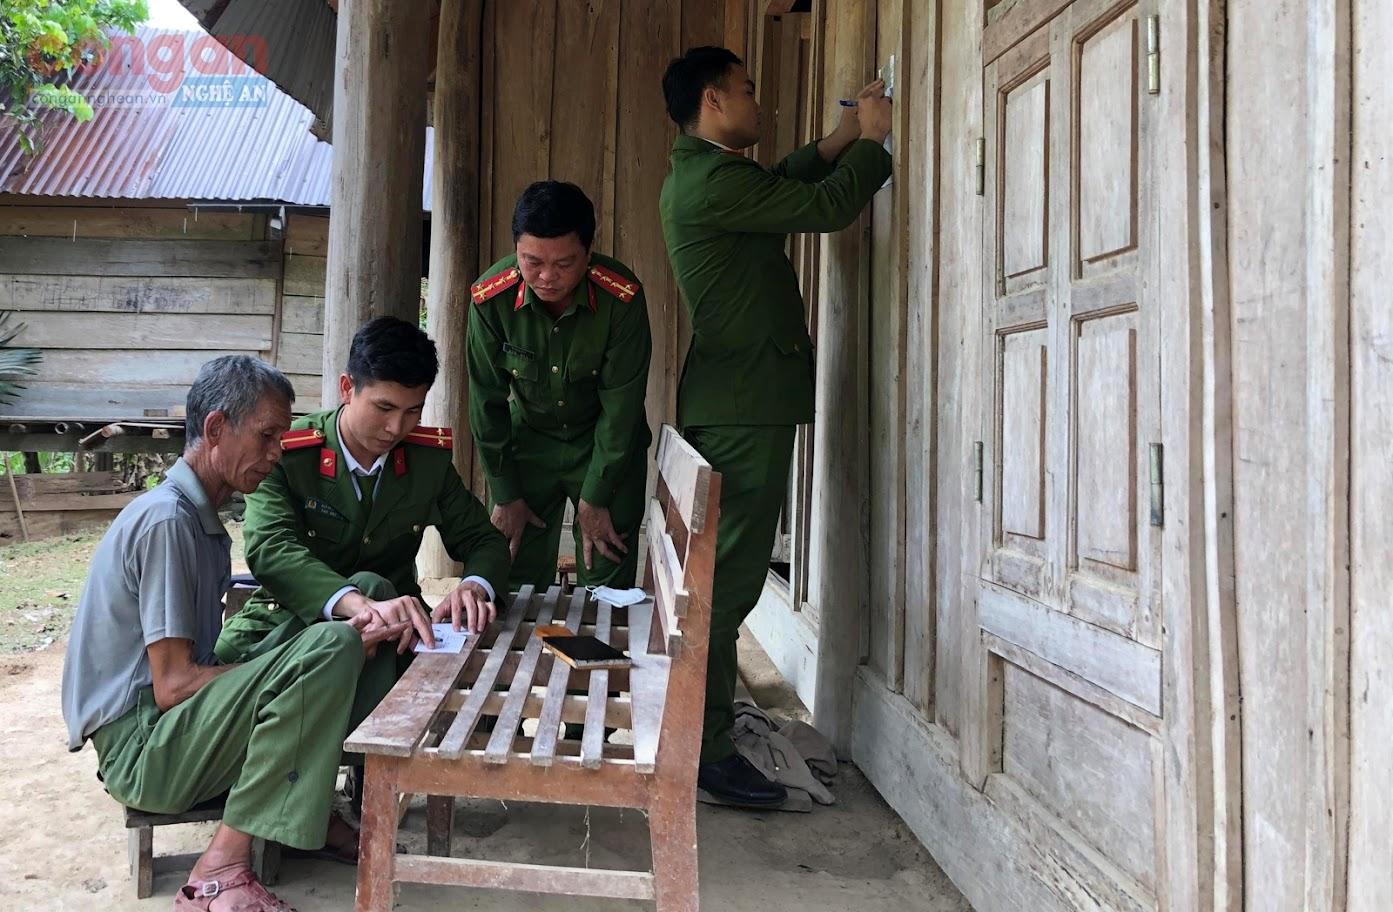 Cán bộ Công an huyện Tương Dương đến tận nhà                             làm thủ tục cấp CMND cho người dân